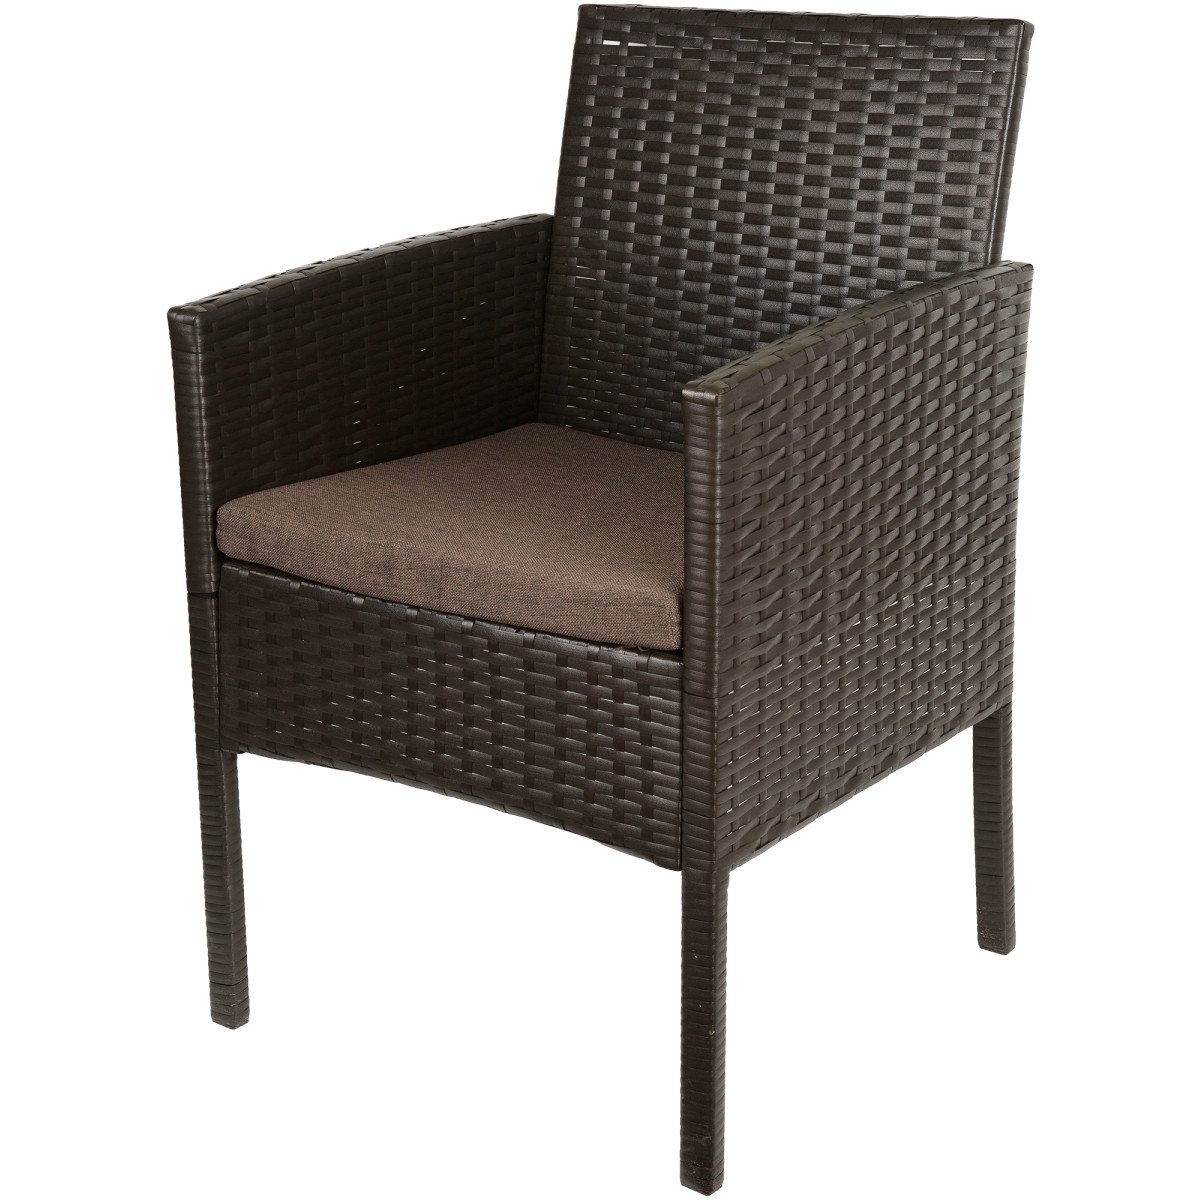 Кресло садовое Кения 60х57х92 см полиротанг коричневый